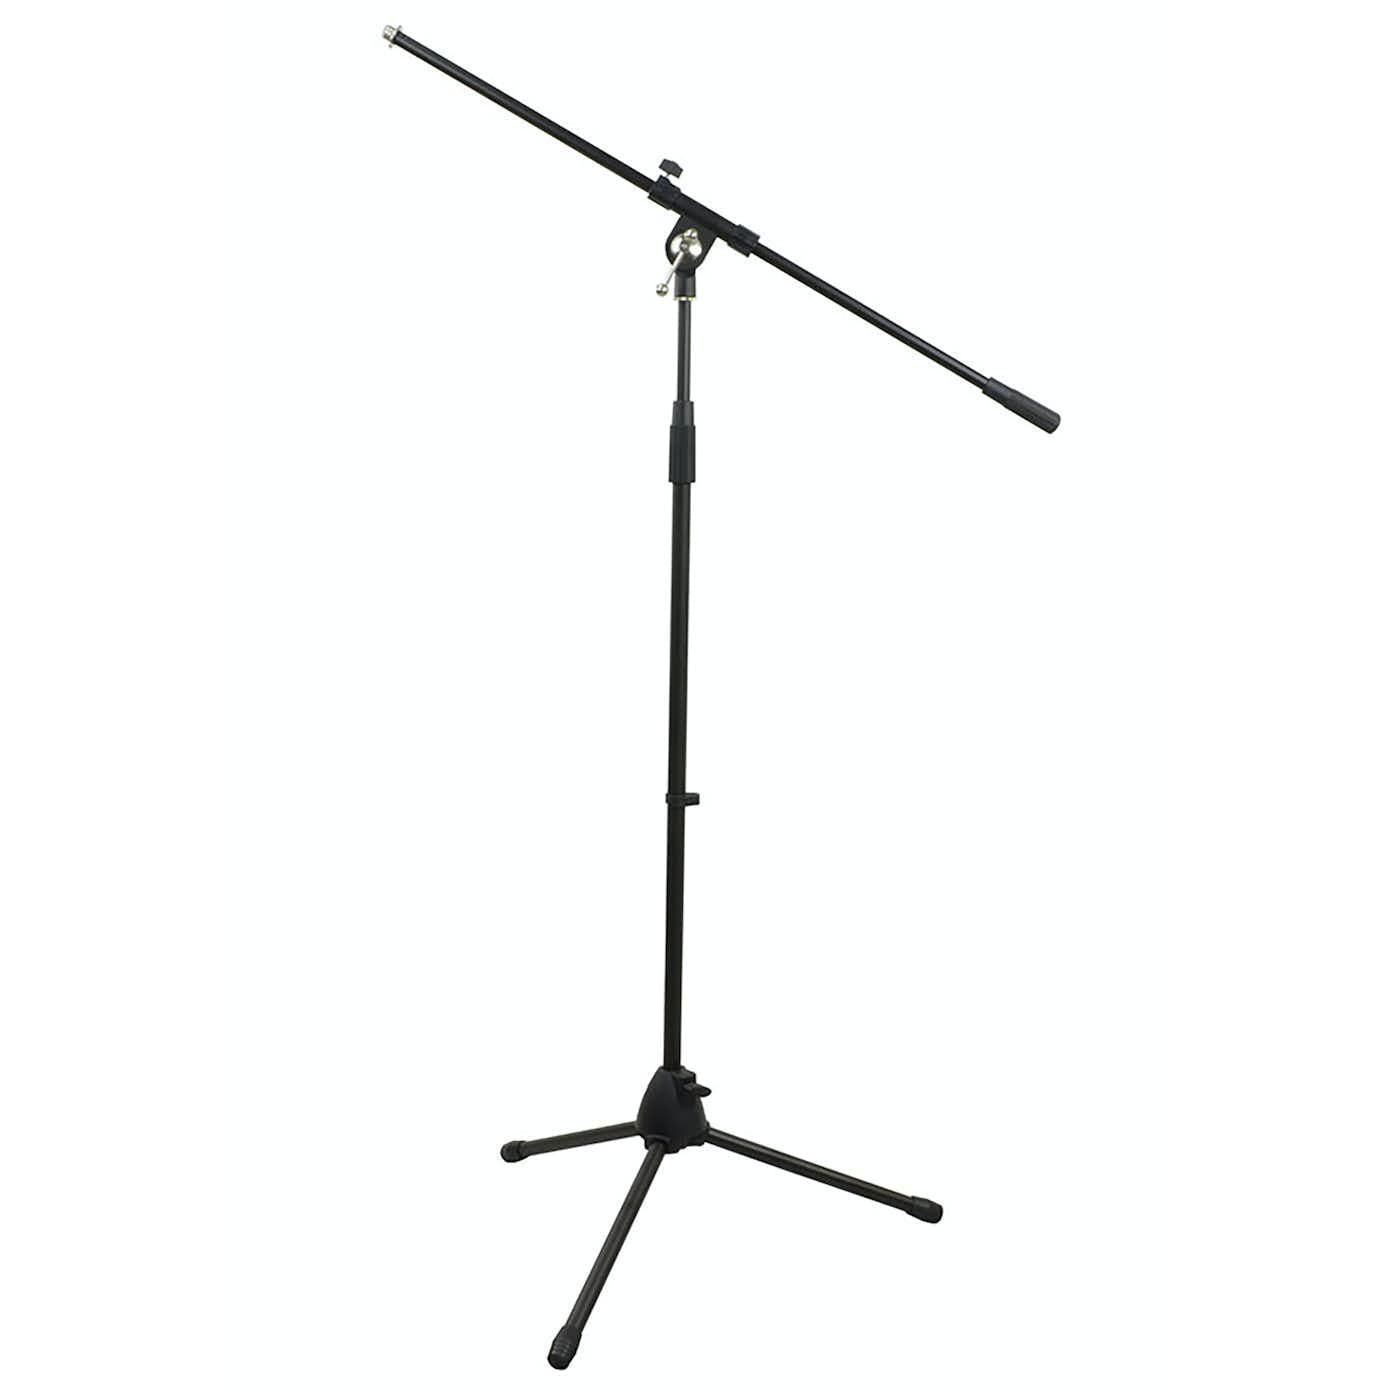 Mikrofon Stativ med boom arm